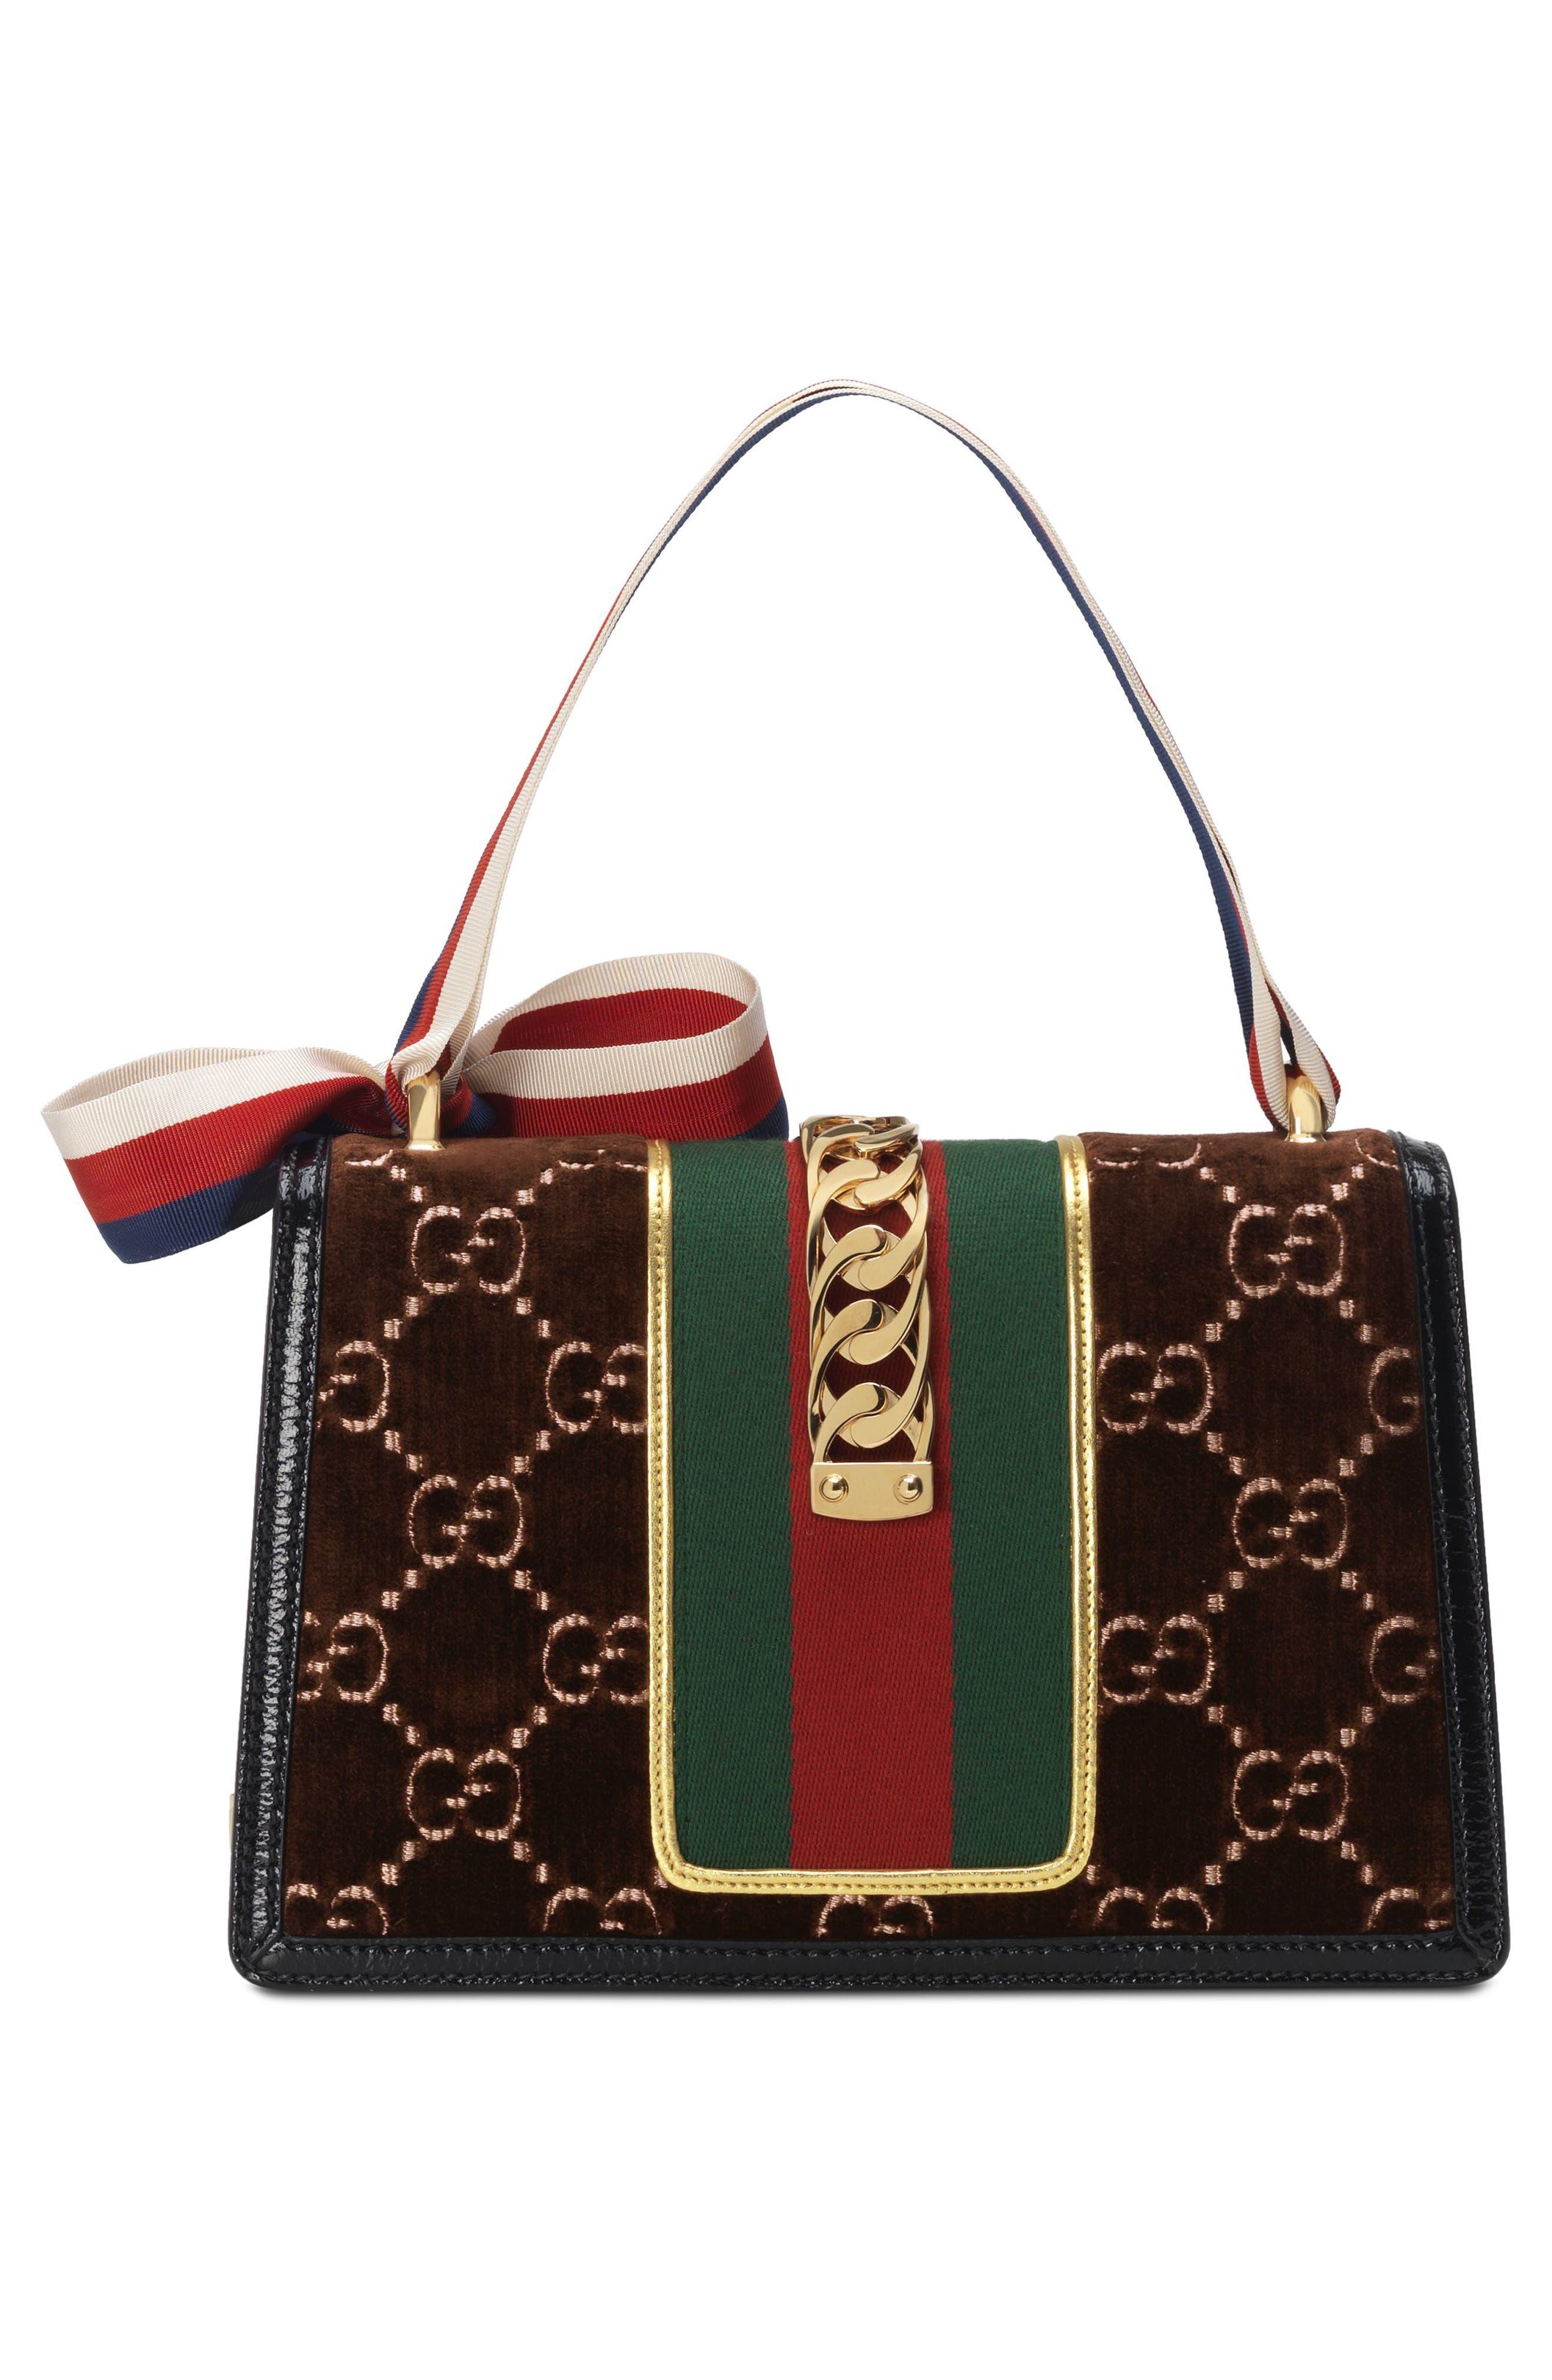 Small Sylvie Velvet Shoulder Bag,                             Alternate thumbnail 2, color,                             BROWN/ NERO/ VERT RED